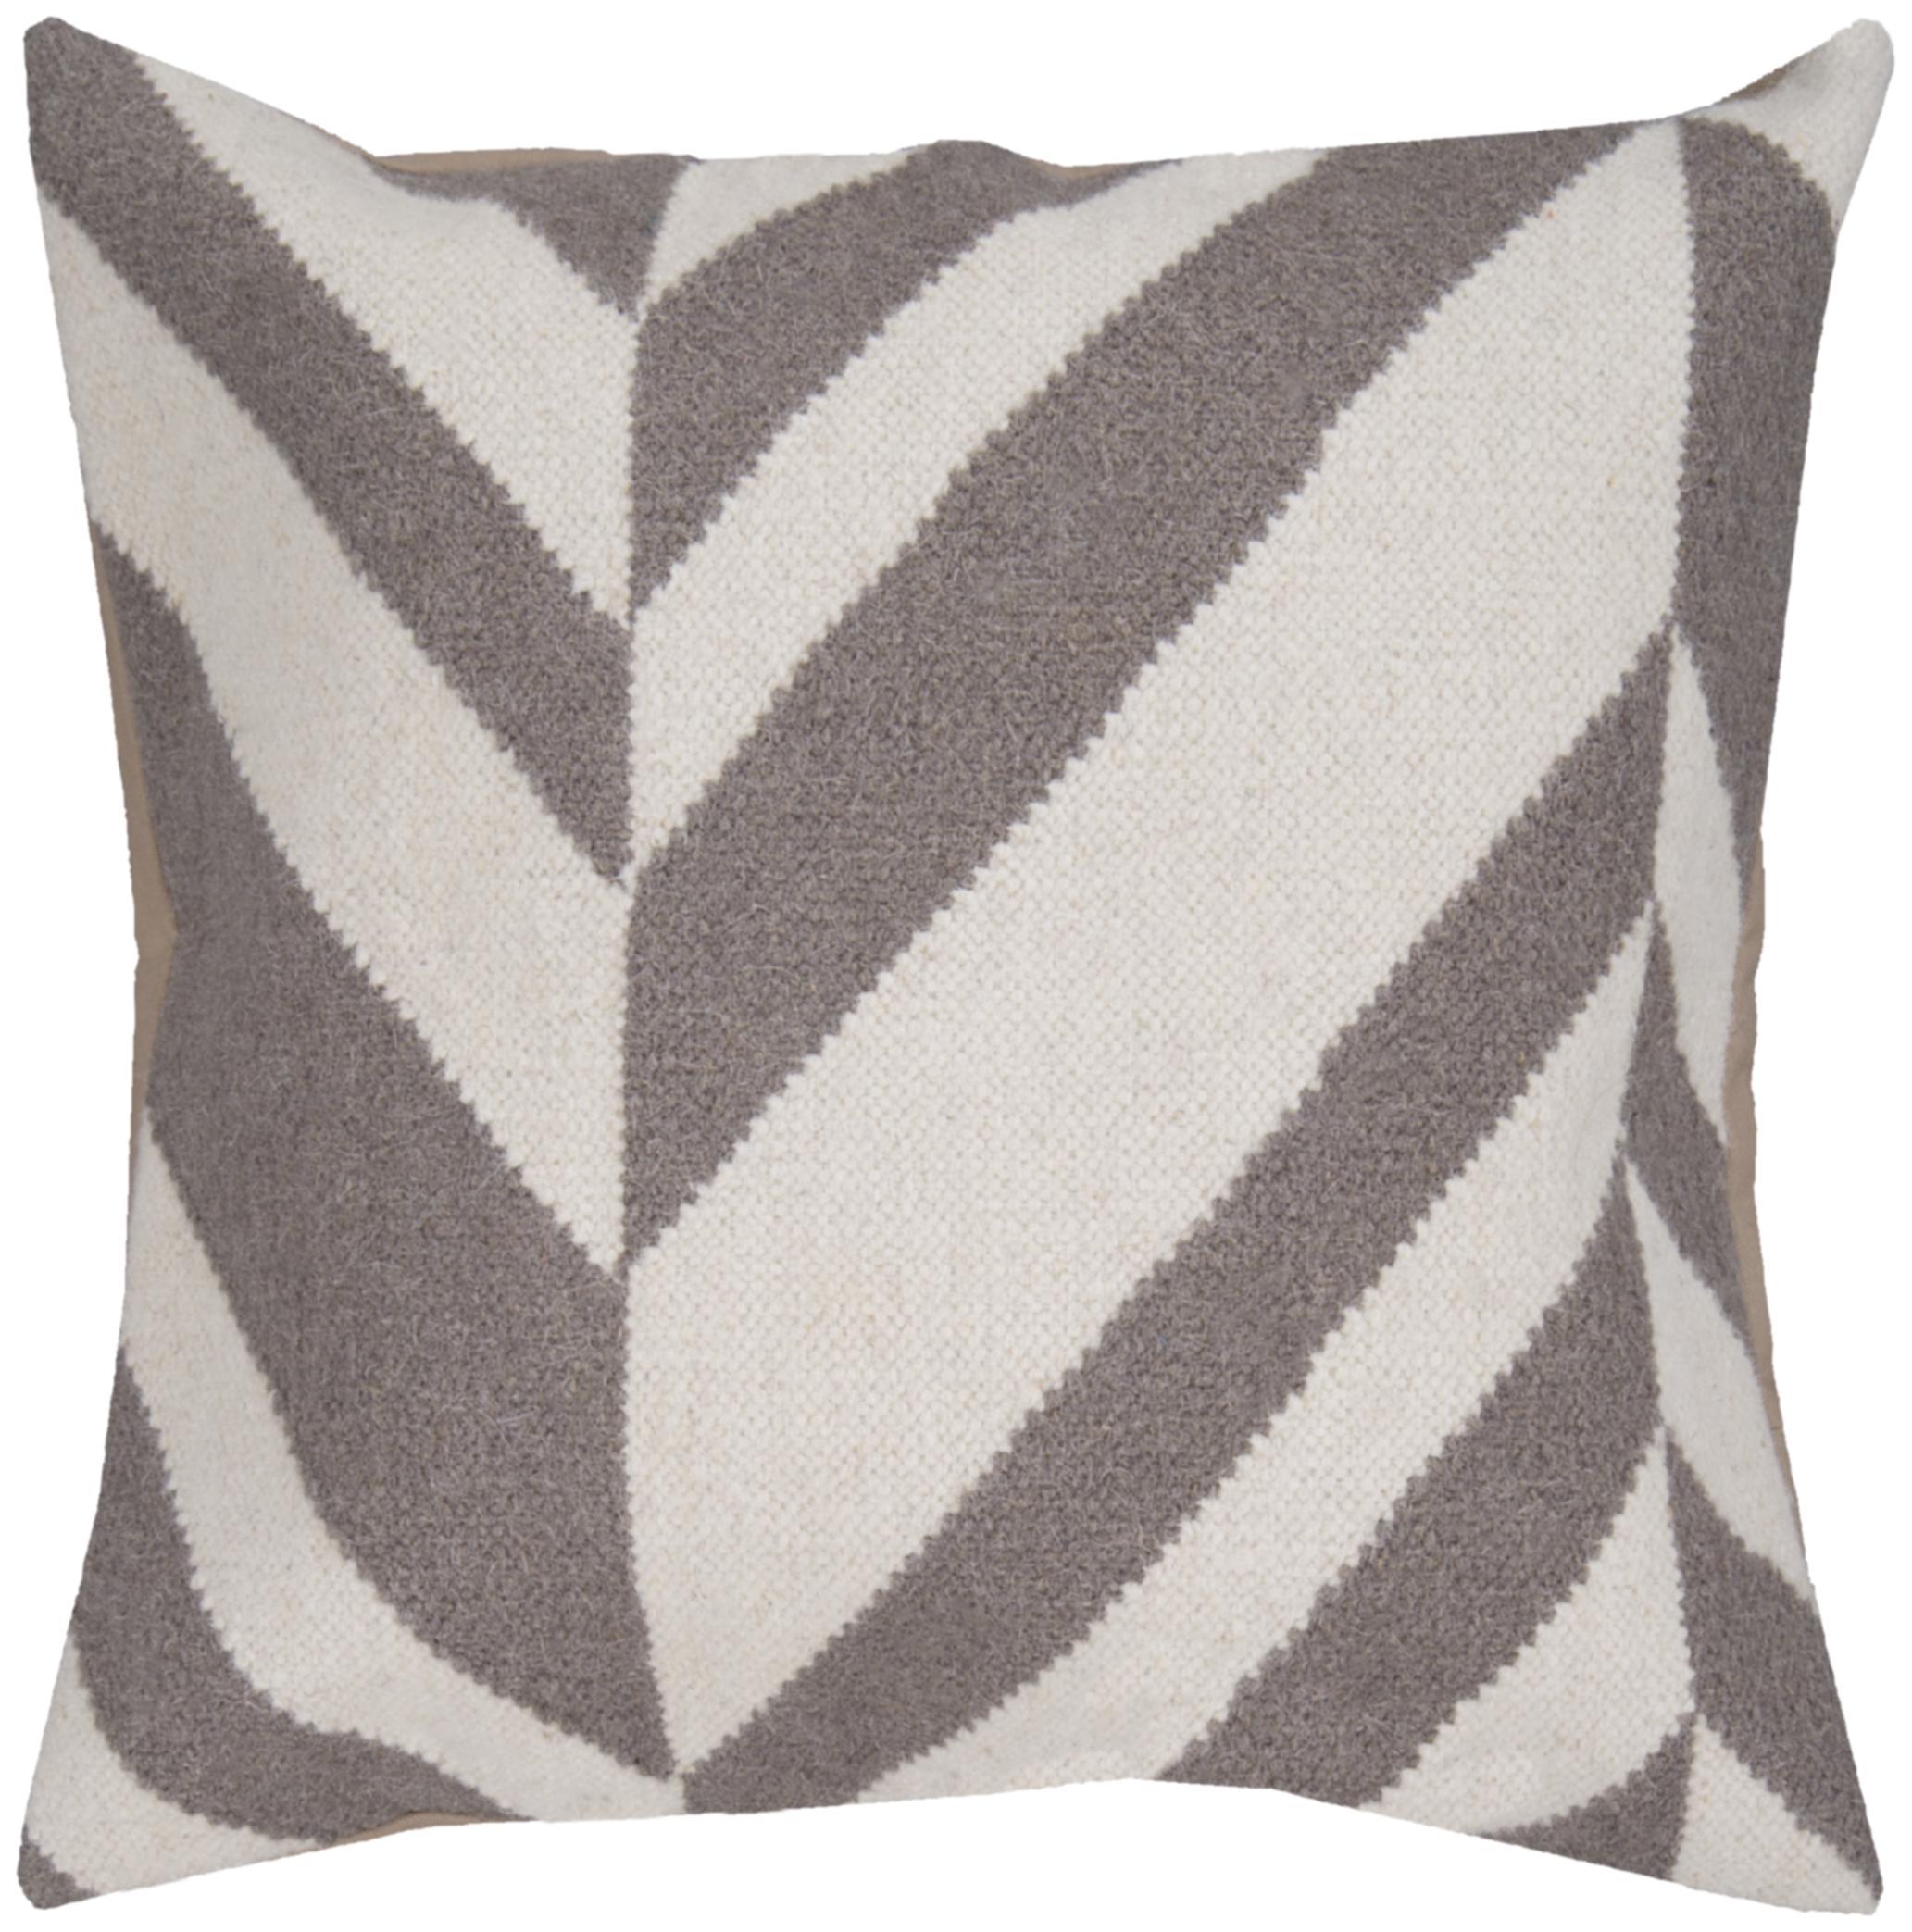 """Surya Rugs Pillows 18"""" x 18"""" Pillow - Item Number: FA035-1818P"""